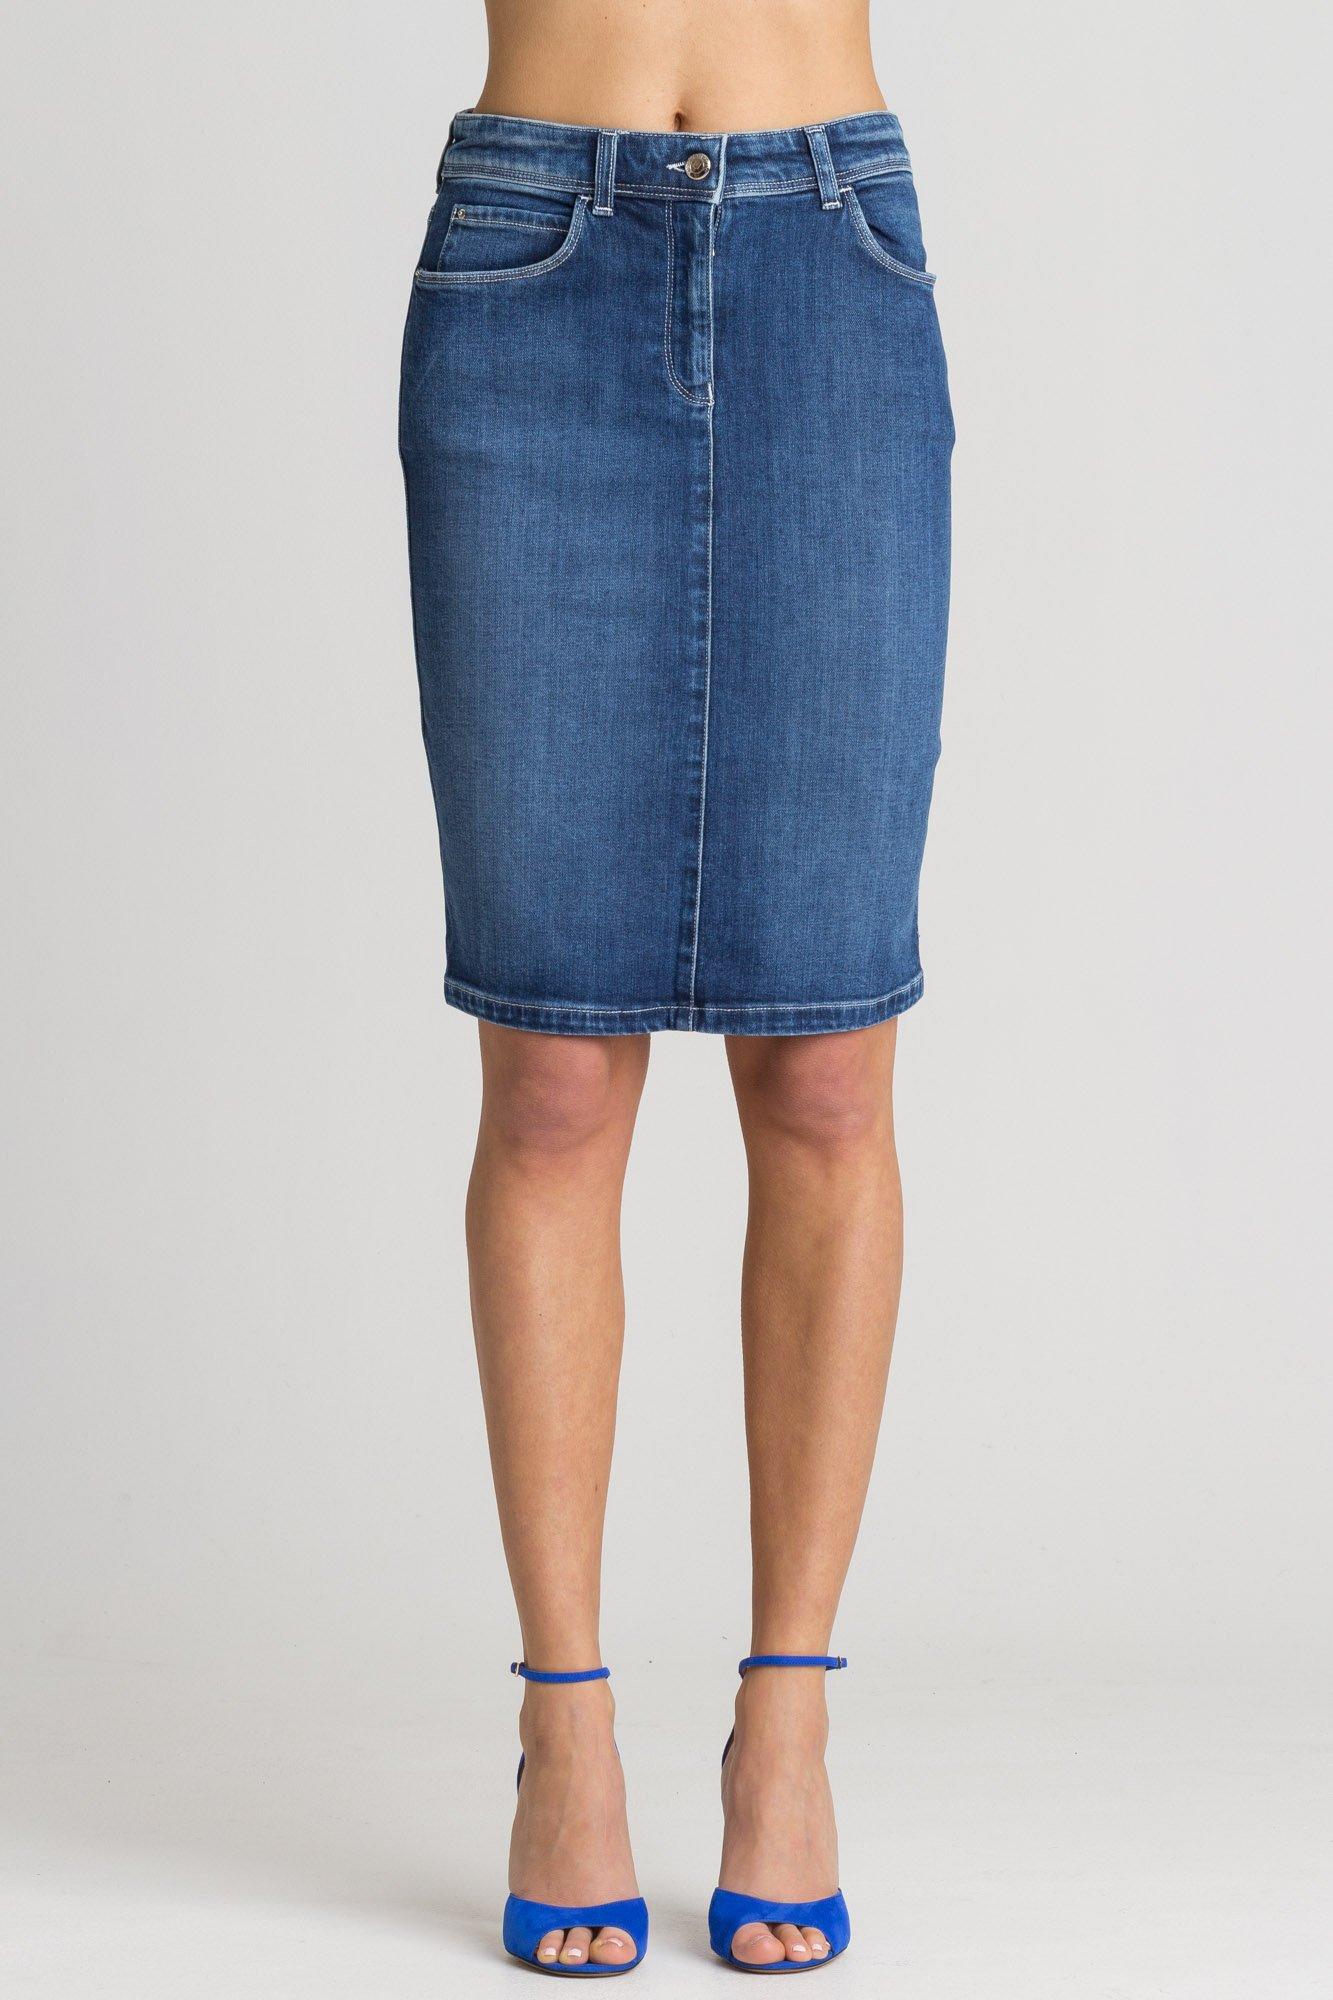 7c10e3eb1d72b9 Niebieska jeansowa spódnica | Markowa odzież w sklepie Velpa.pl